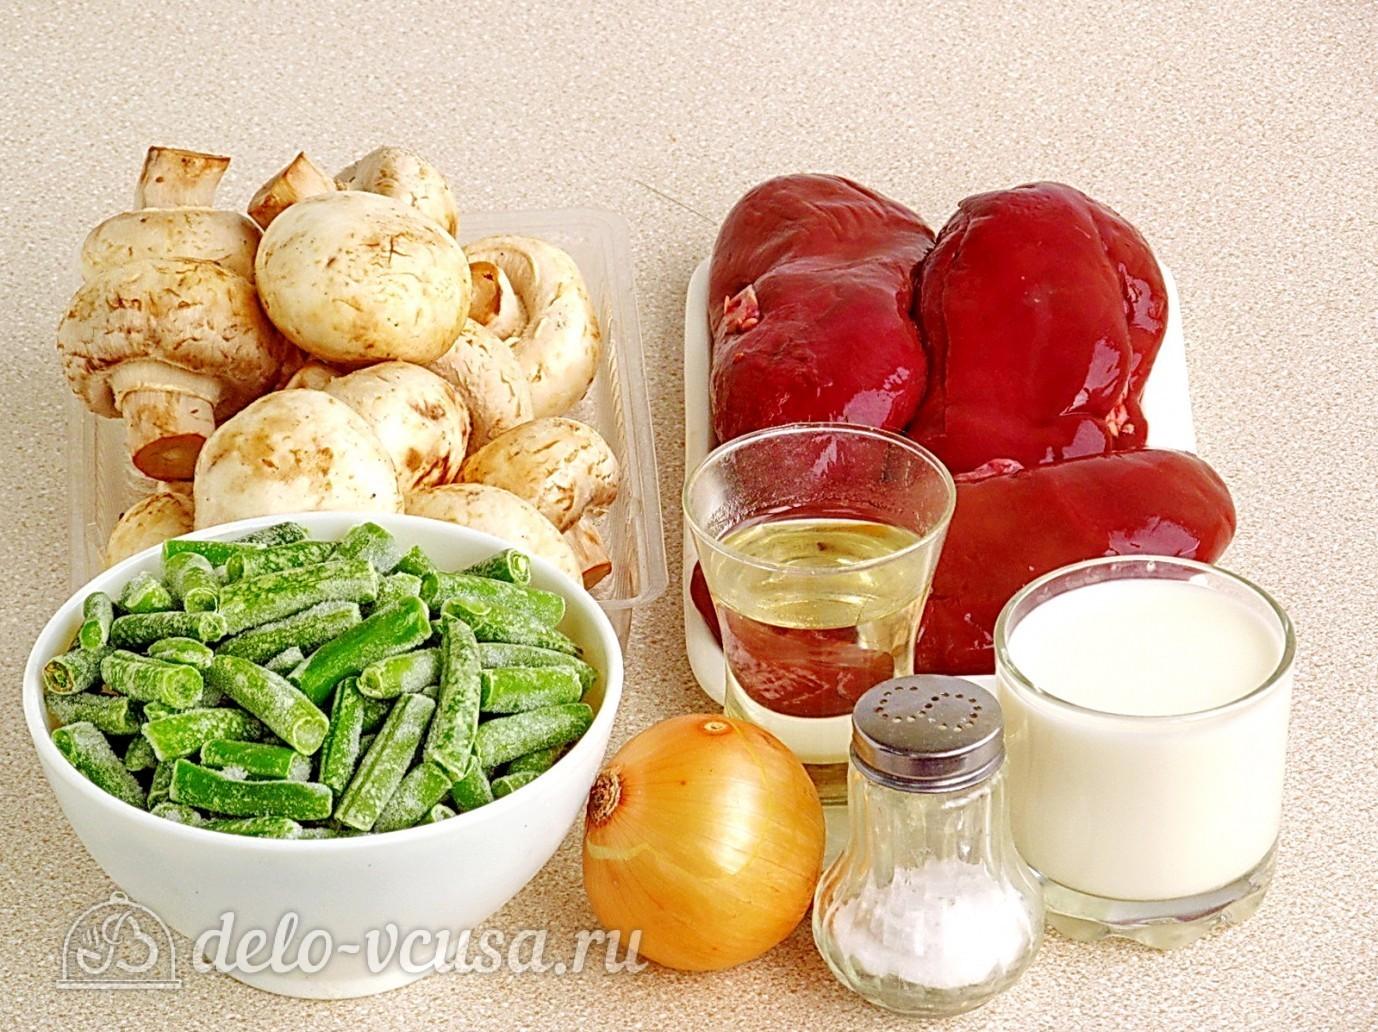 Салат с консервированной фасолью - пошаговый рецепт с фото ...